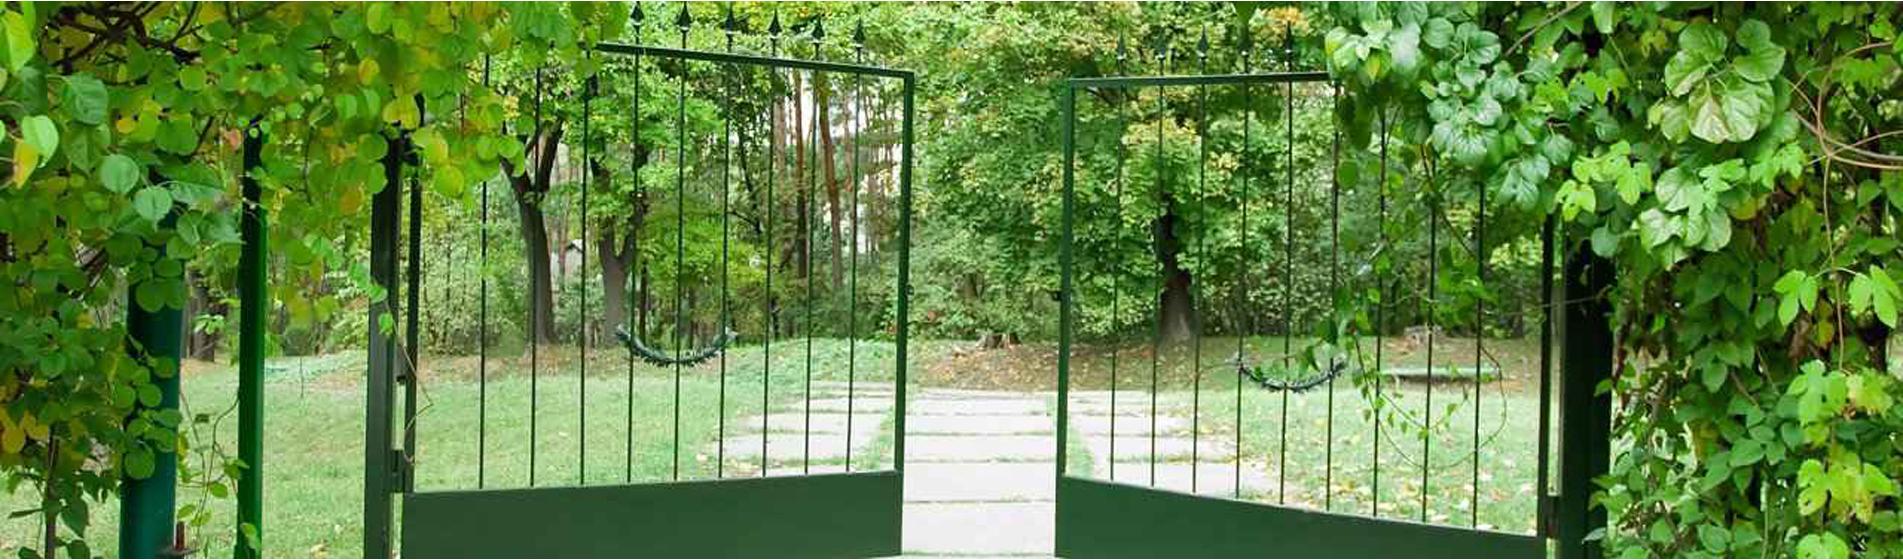 acheter portail battant automatisé 13 Bouches-du-Rhône